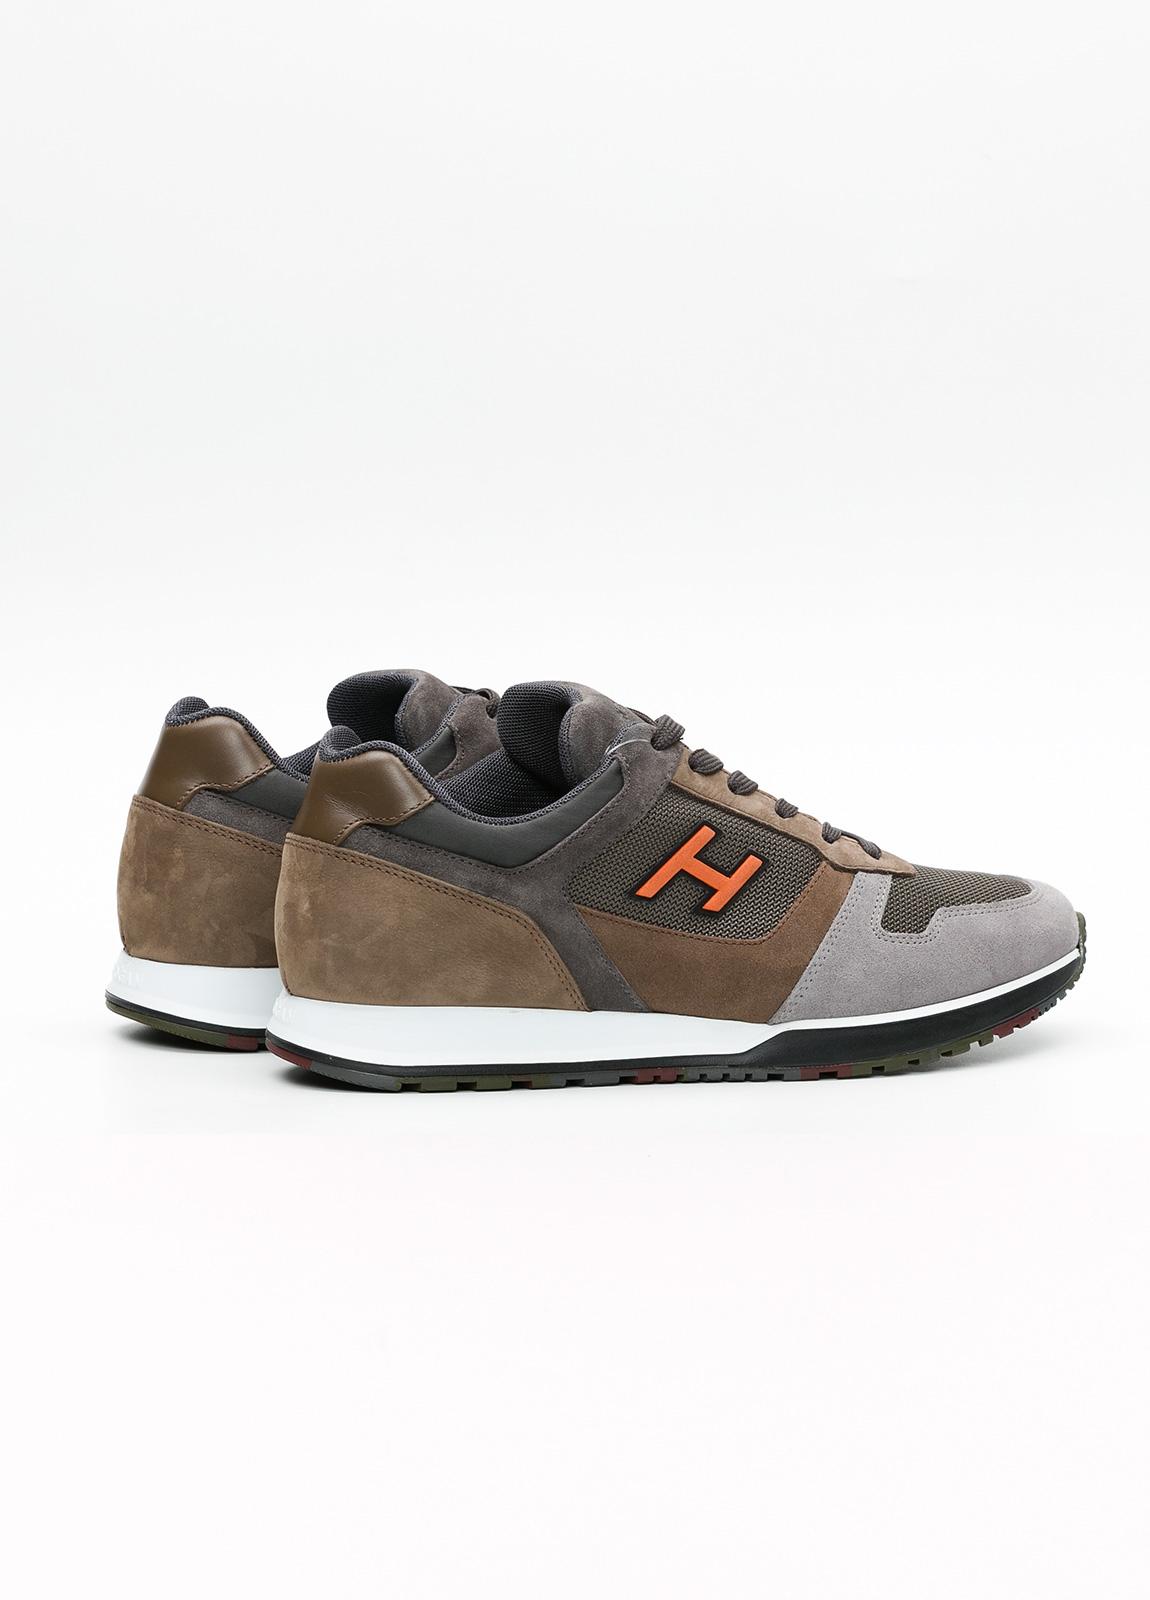 Calzado sport hombre H321 color marrón. Combinación de serraje, tejido técnico y apliques en piel. - Ítem4